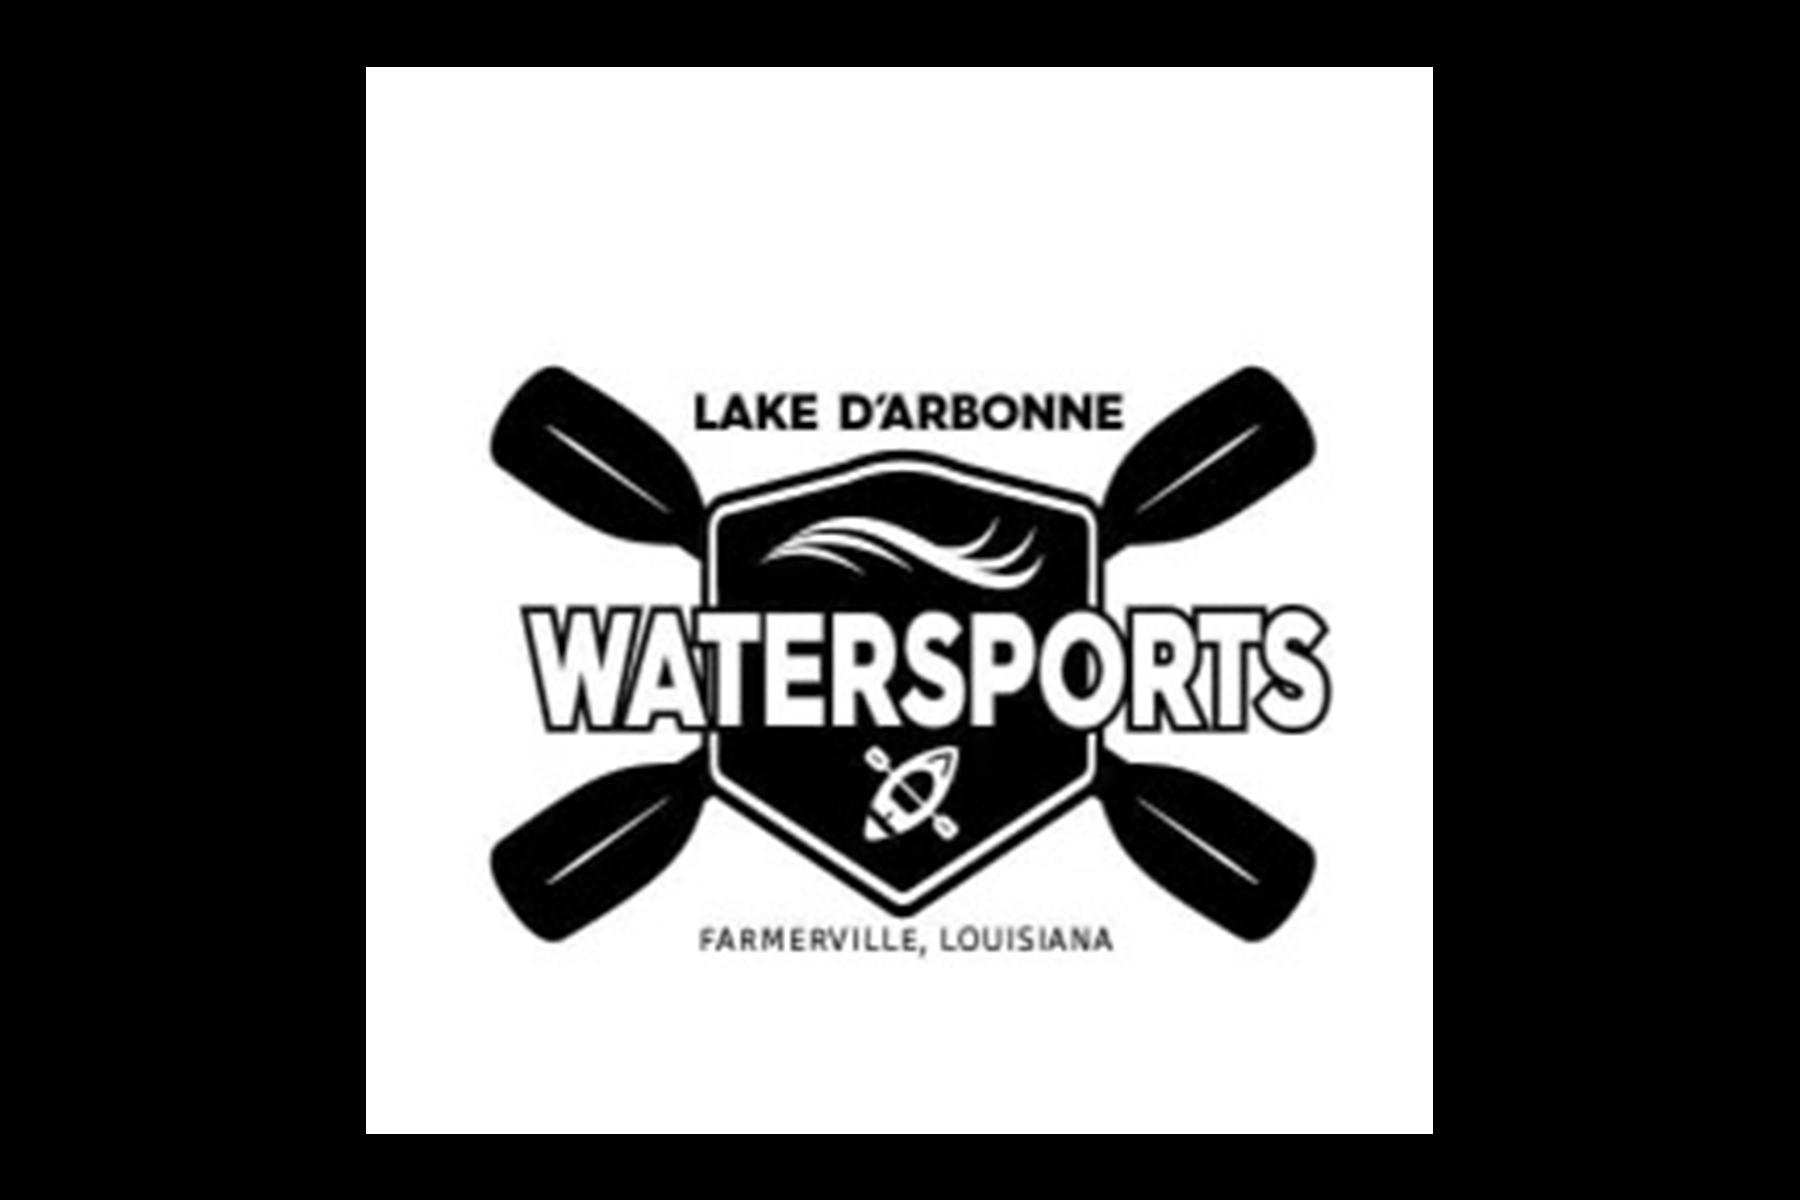 Lake d'arbone watersports logo